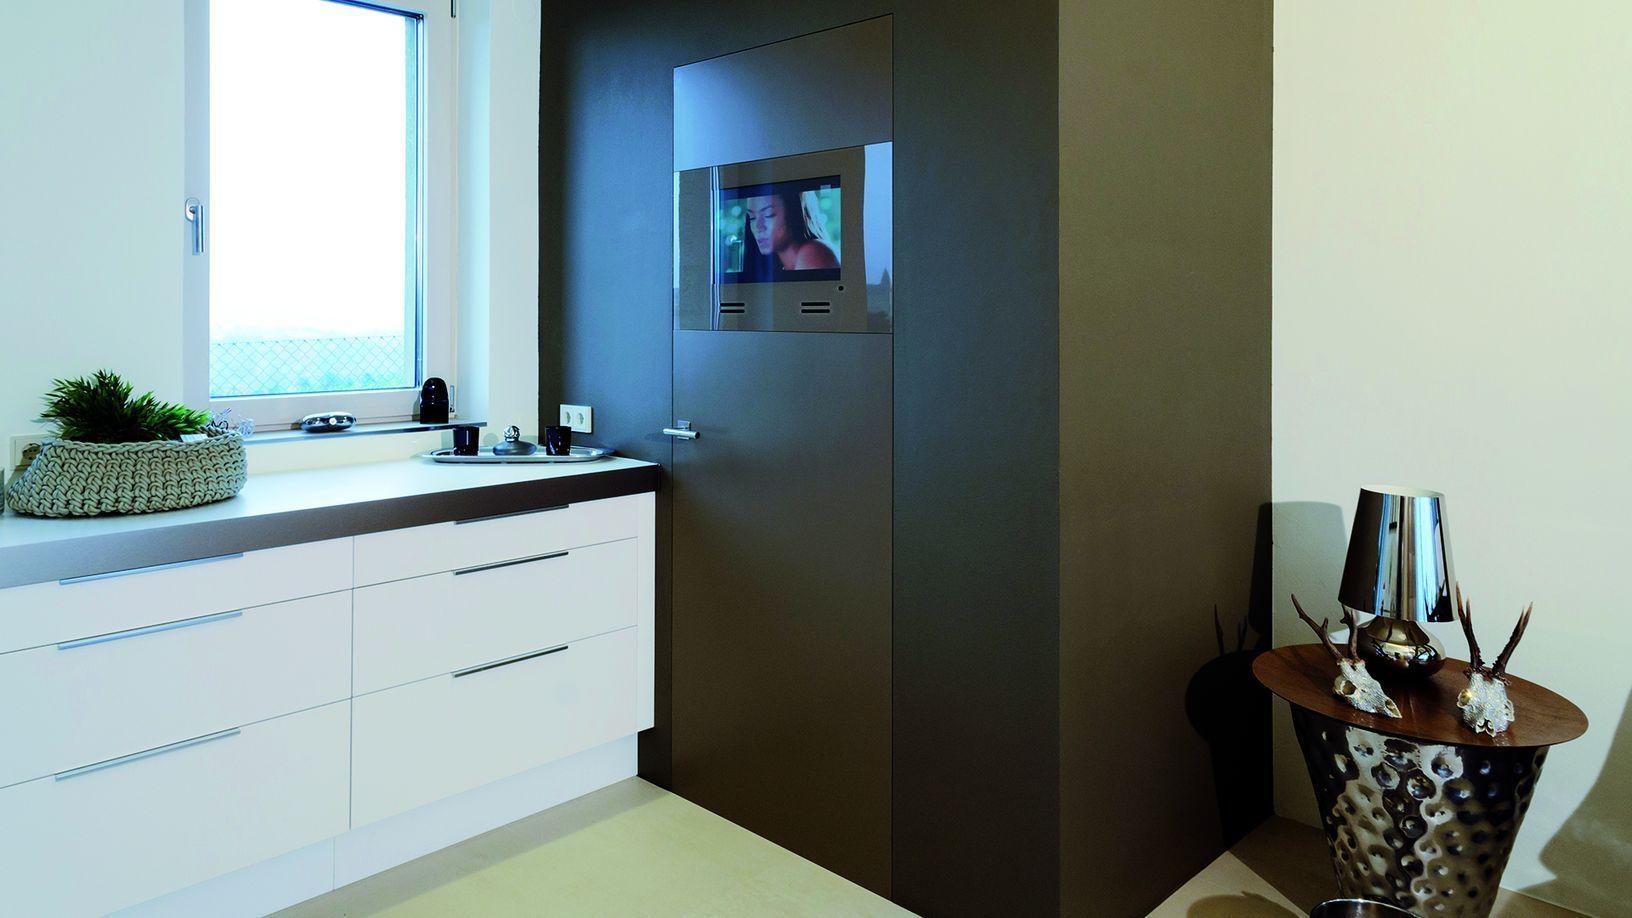 Nussbaum Malerfertige Türe mit integriertem Fernsehgerät PS13